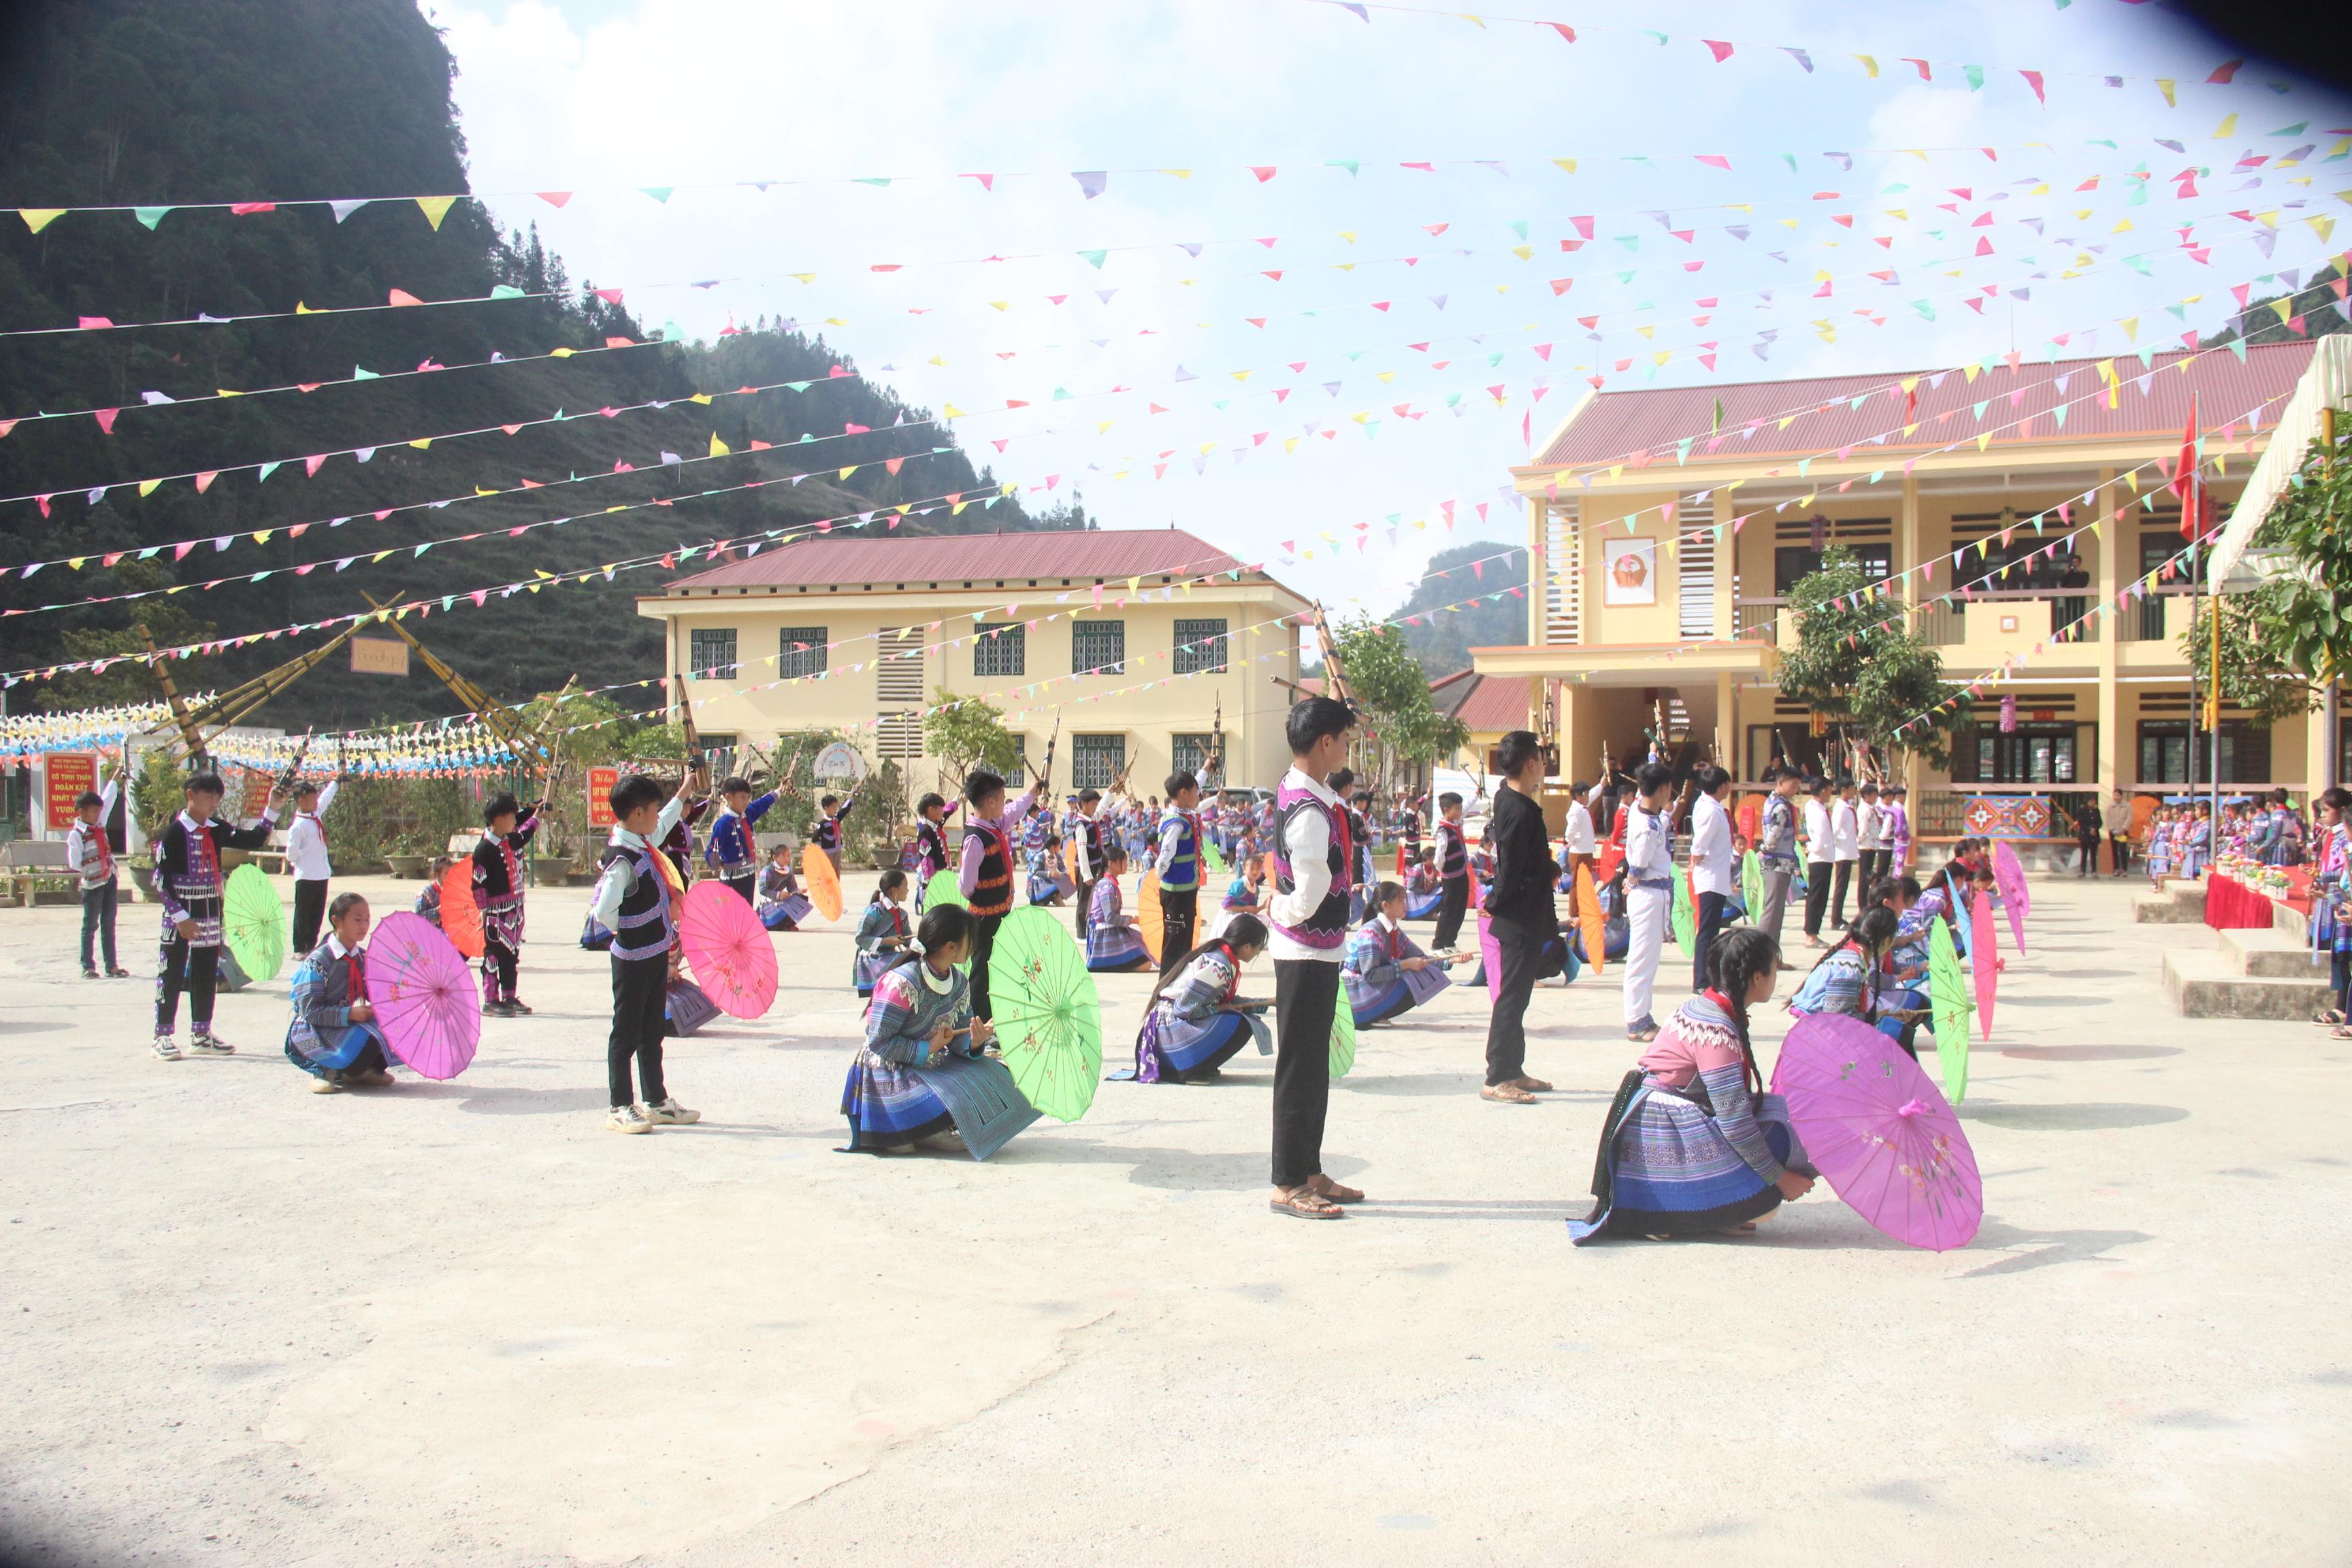 Các buổi học ngoại khóa không chỉ tạo niềm vui cho các em học sinh khi ở trường mà còn góp phần nâng cao ý thức gìn giữ và bảo tồn văn hóa đặc sắc của các dân tộc